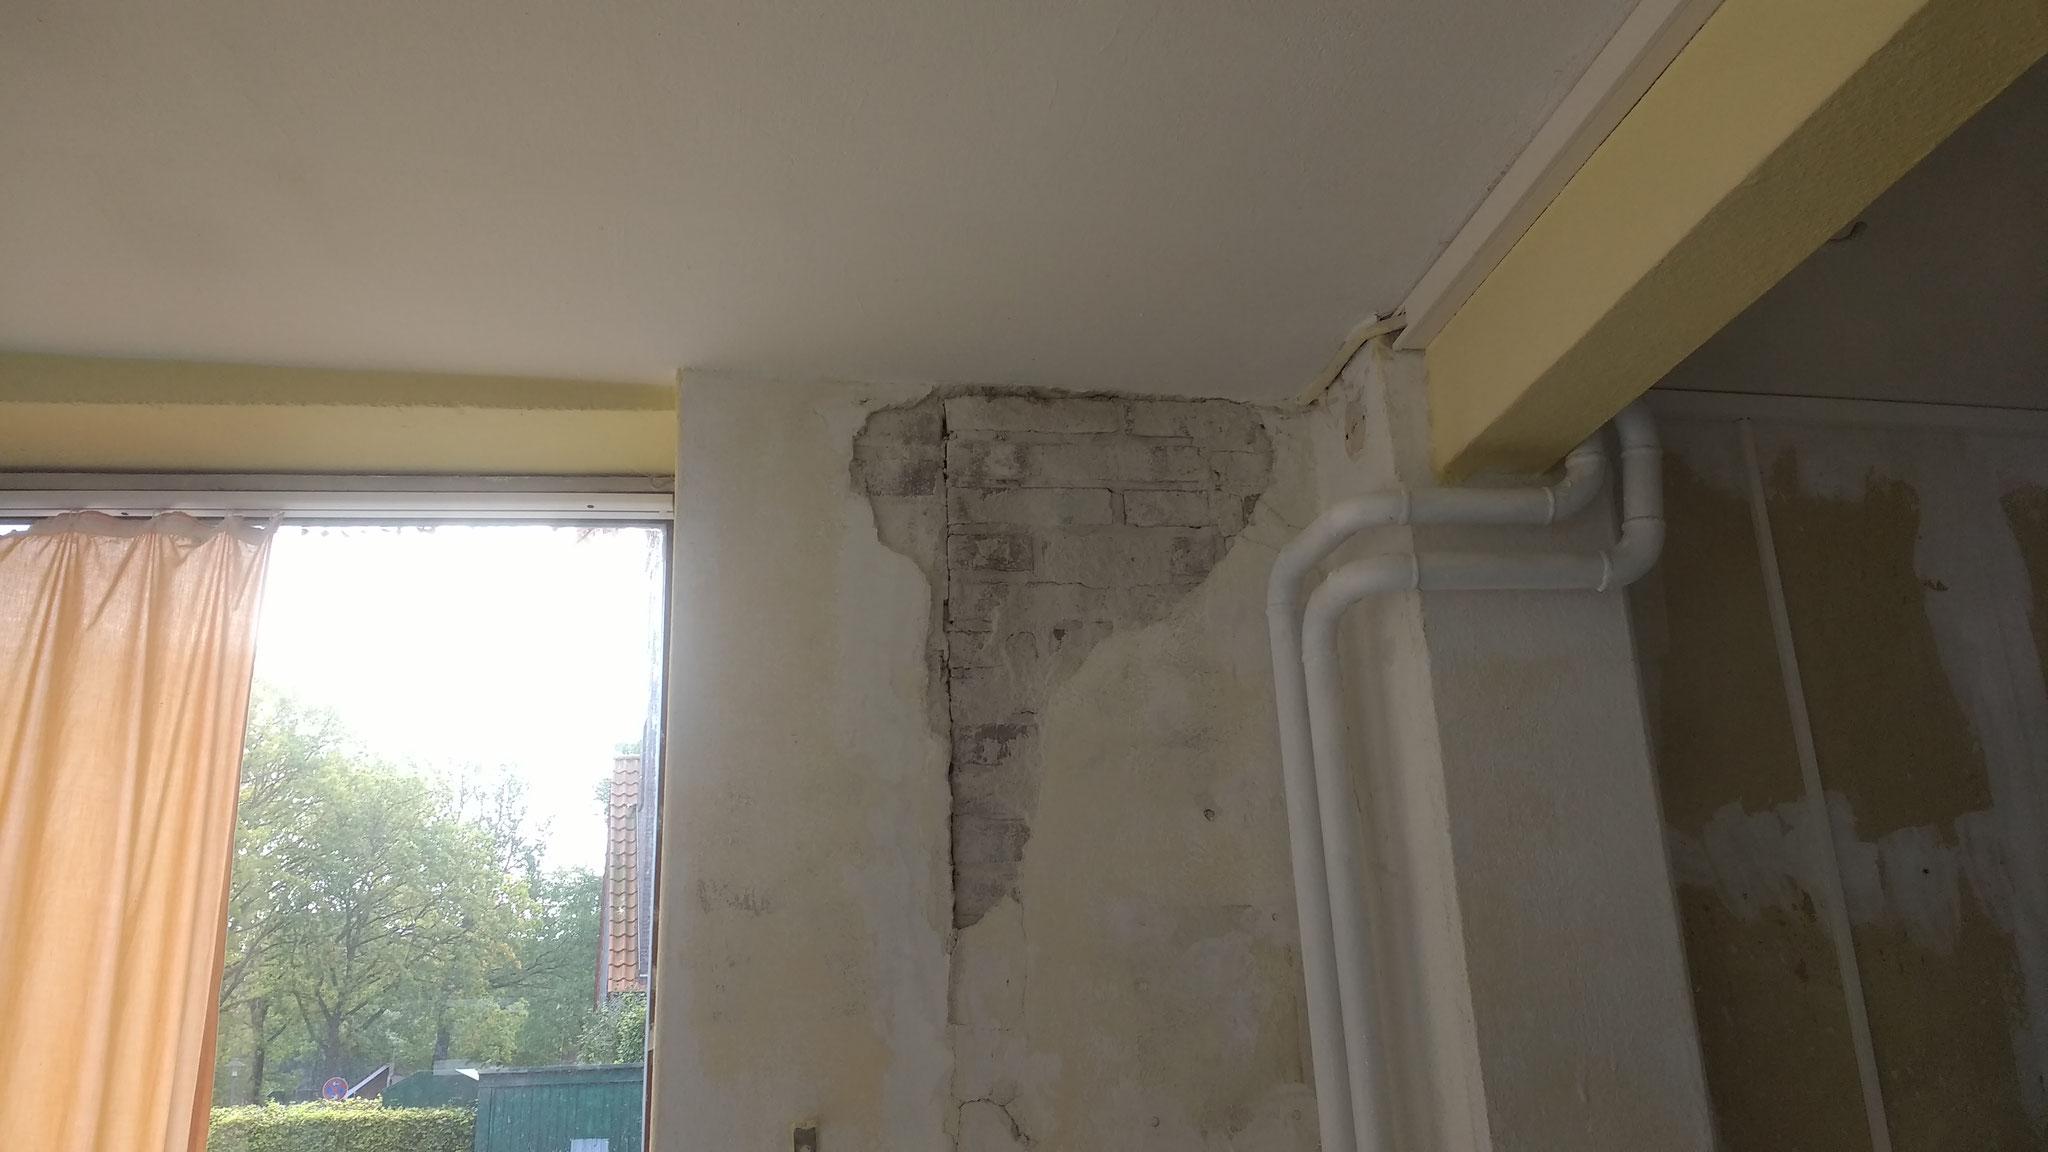 Im Büro hatte mich eine kleine Unebenheit in der Wand gestört, wollte nur eine ebene Fläche schleifen... Da kommt mir einfach 1 m² Wand entgegen. Mörteln habe ich gelernt jetzt kommt Gipsen noch dazu...